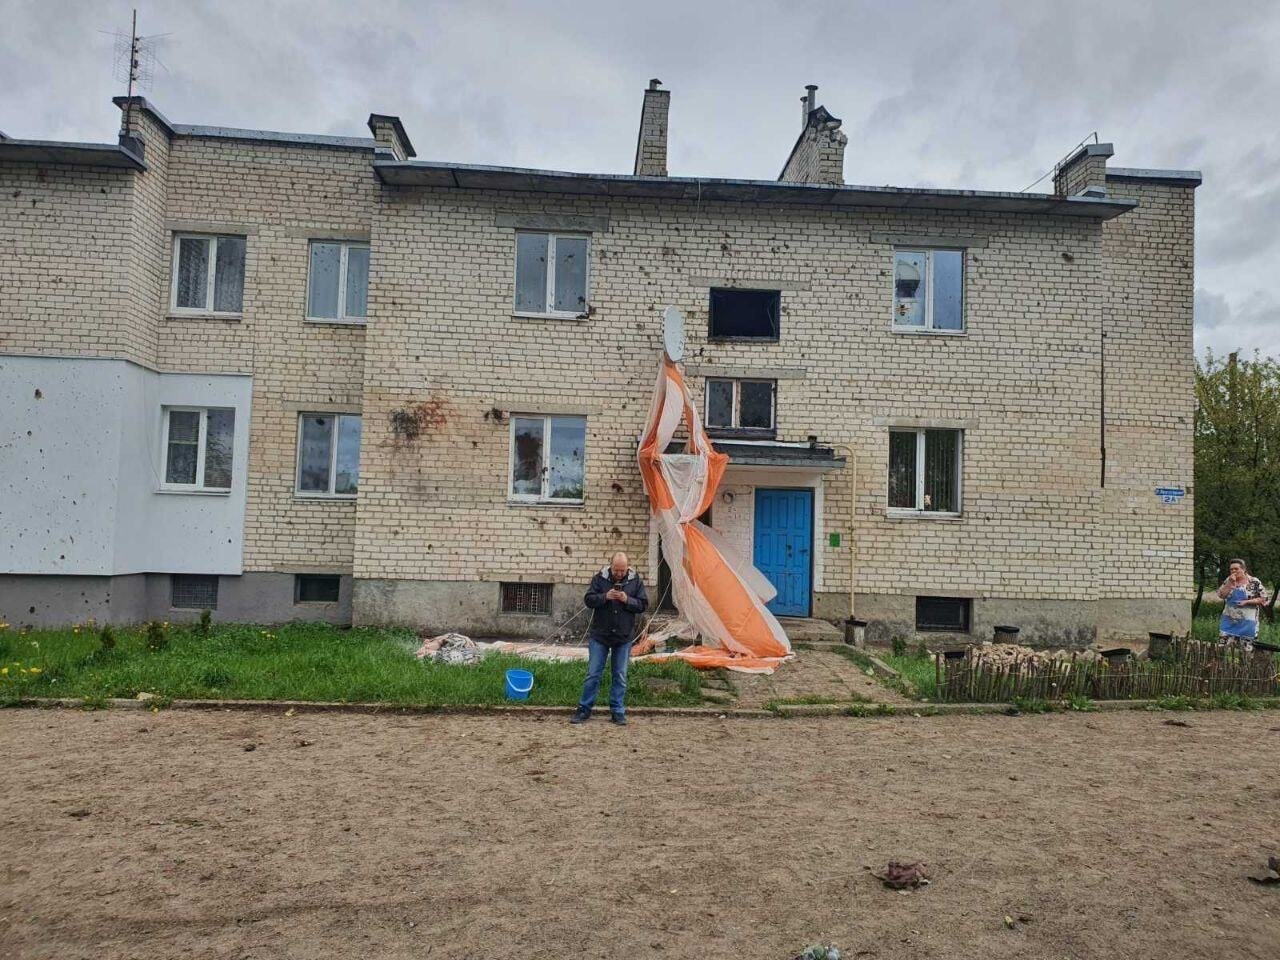 Літак впав біля житлового сектору